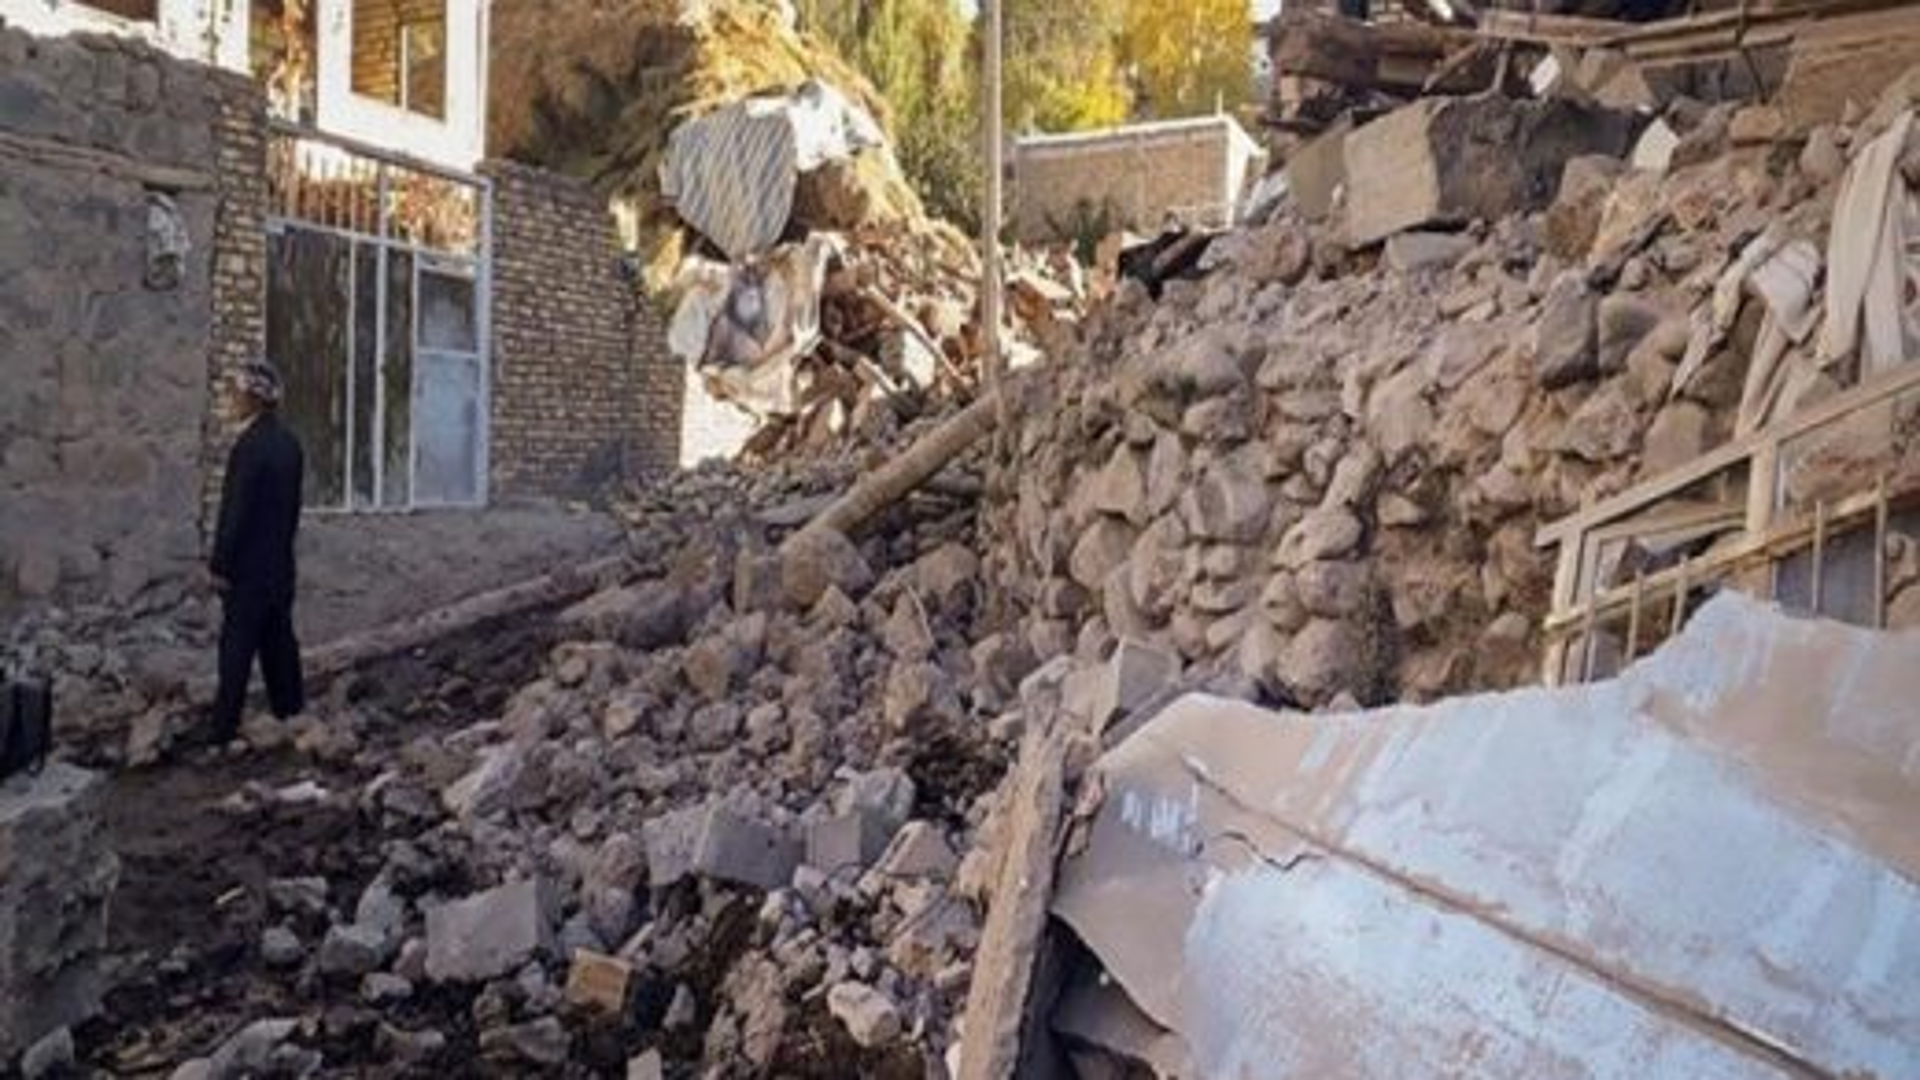 زلزله آذربایجان شرقی | تگ